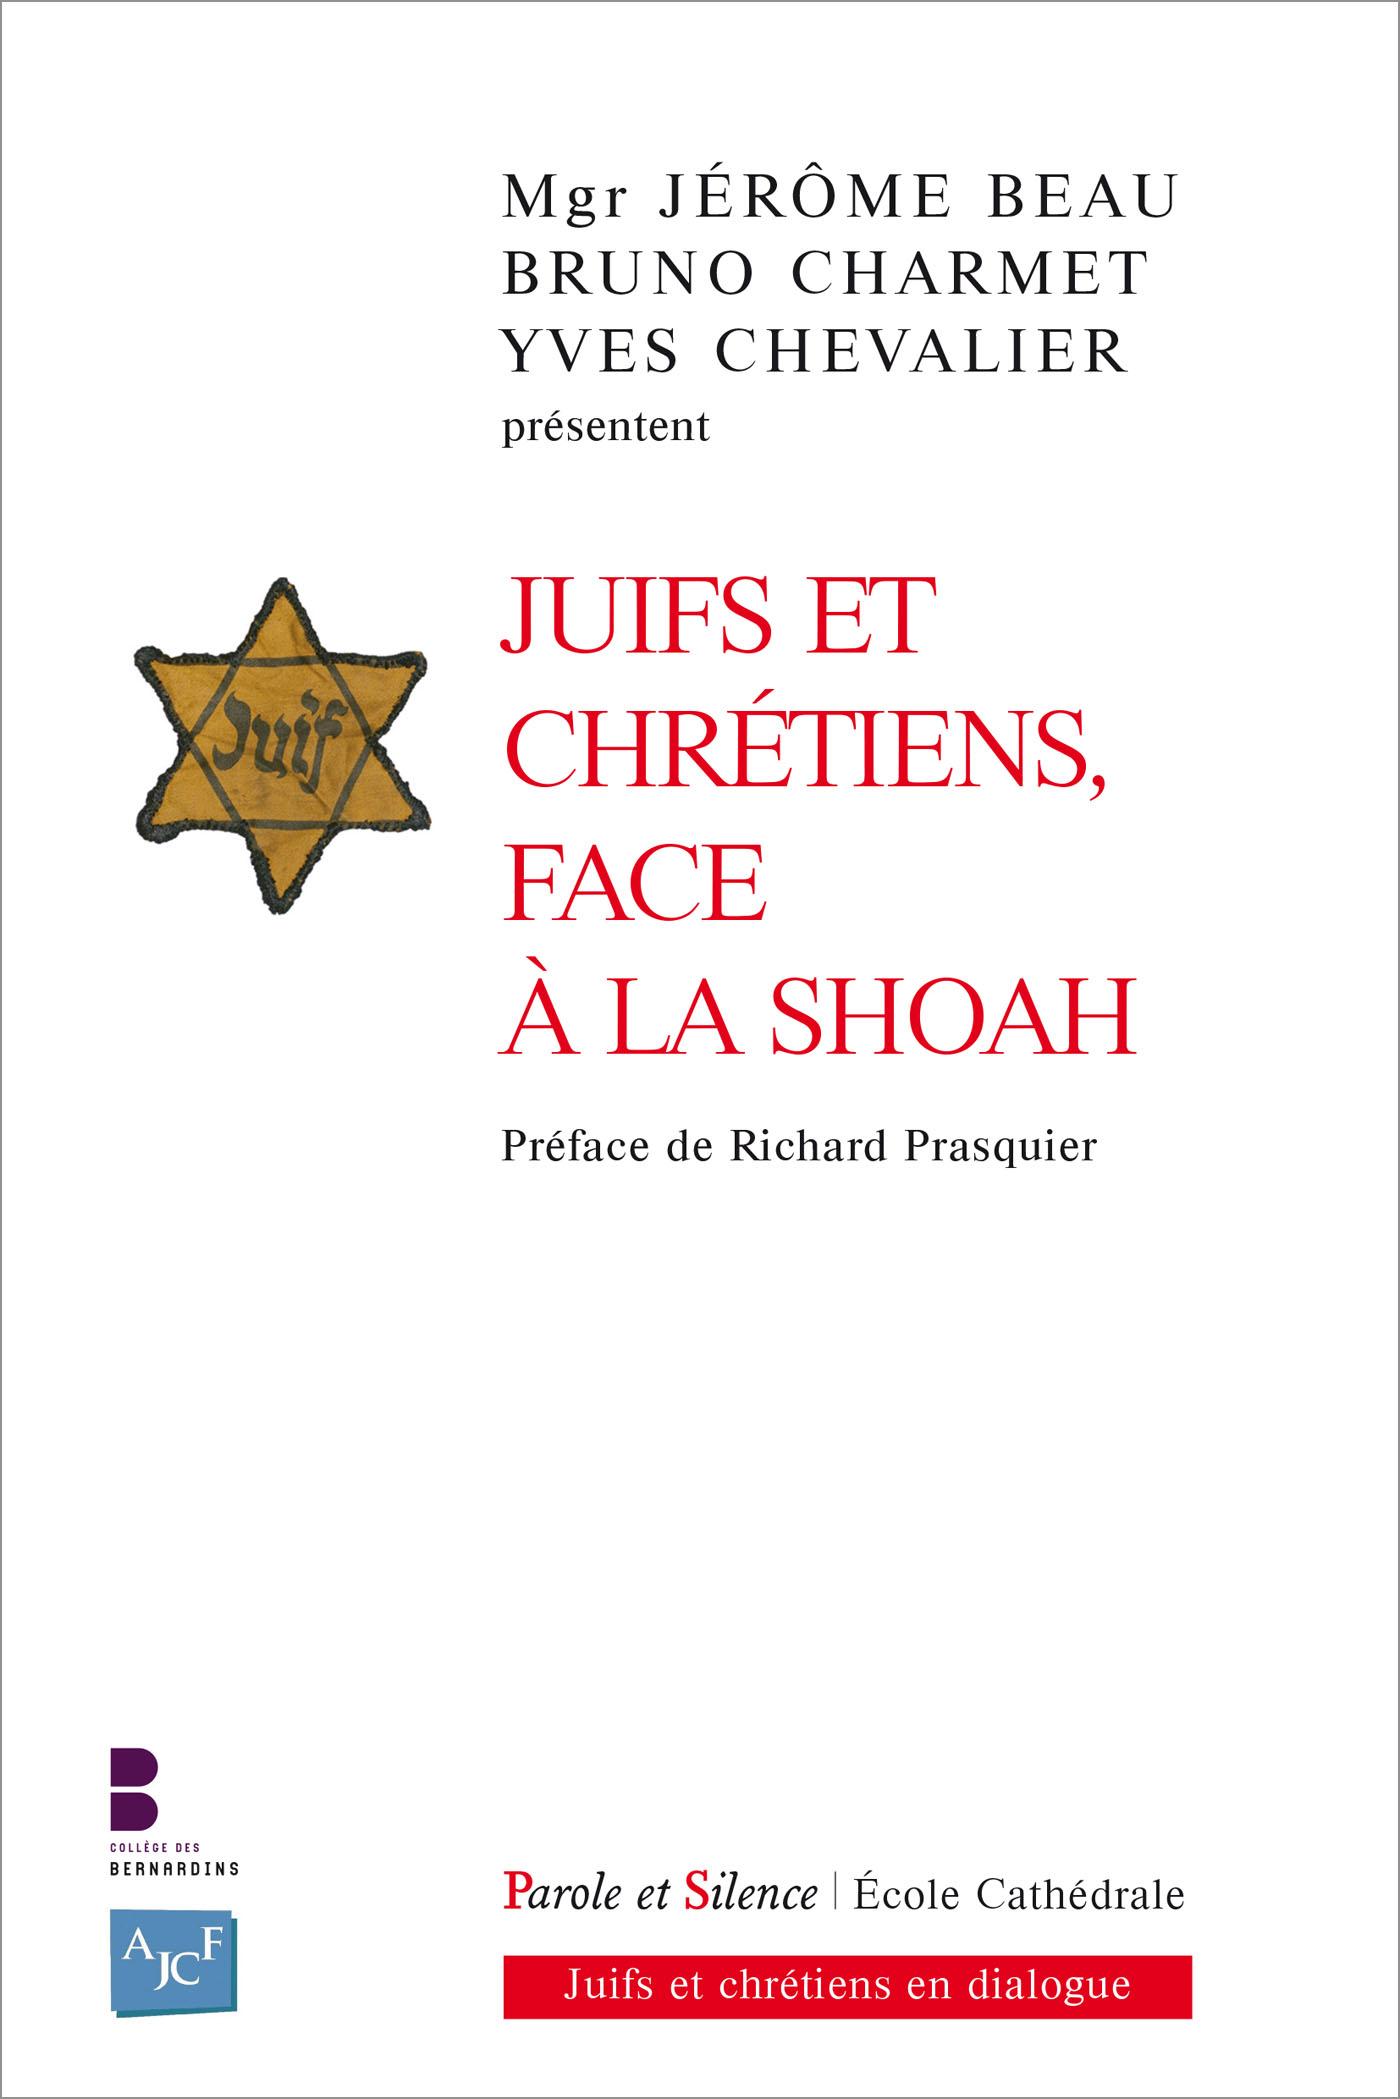 Juifs et chrétiens face à la Shoah